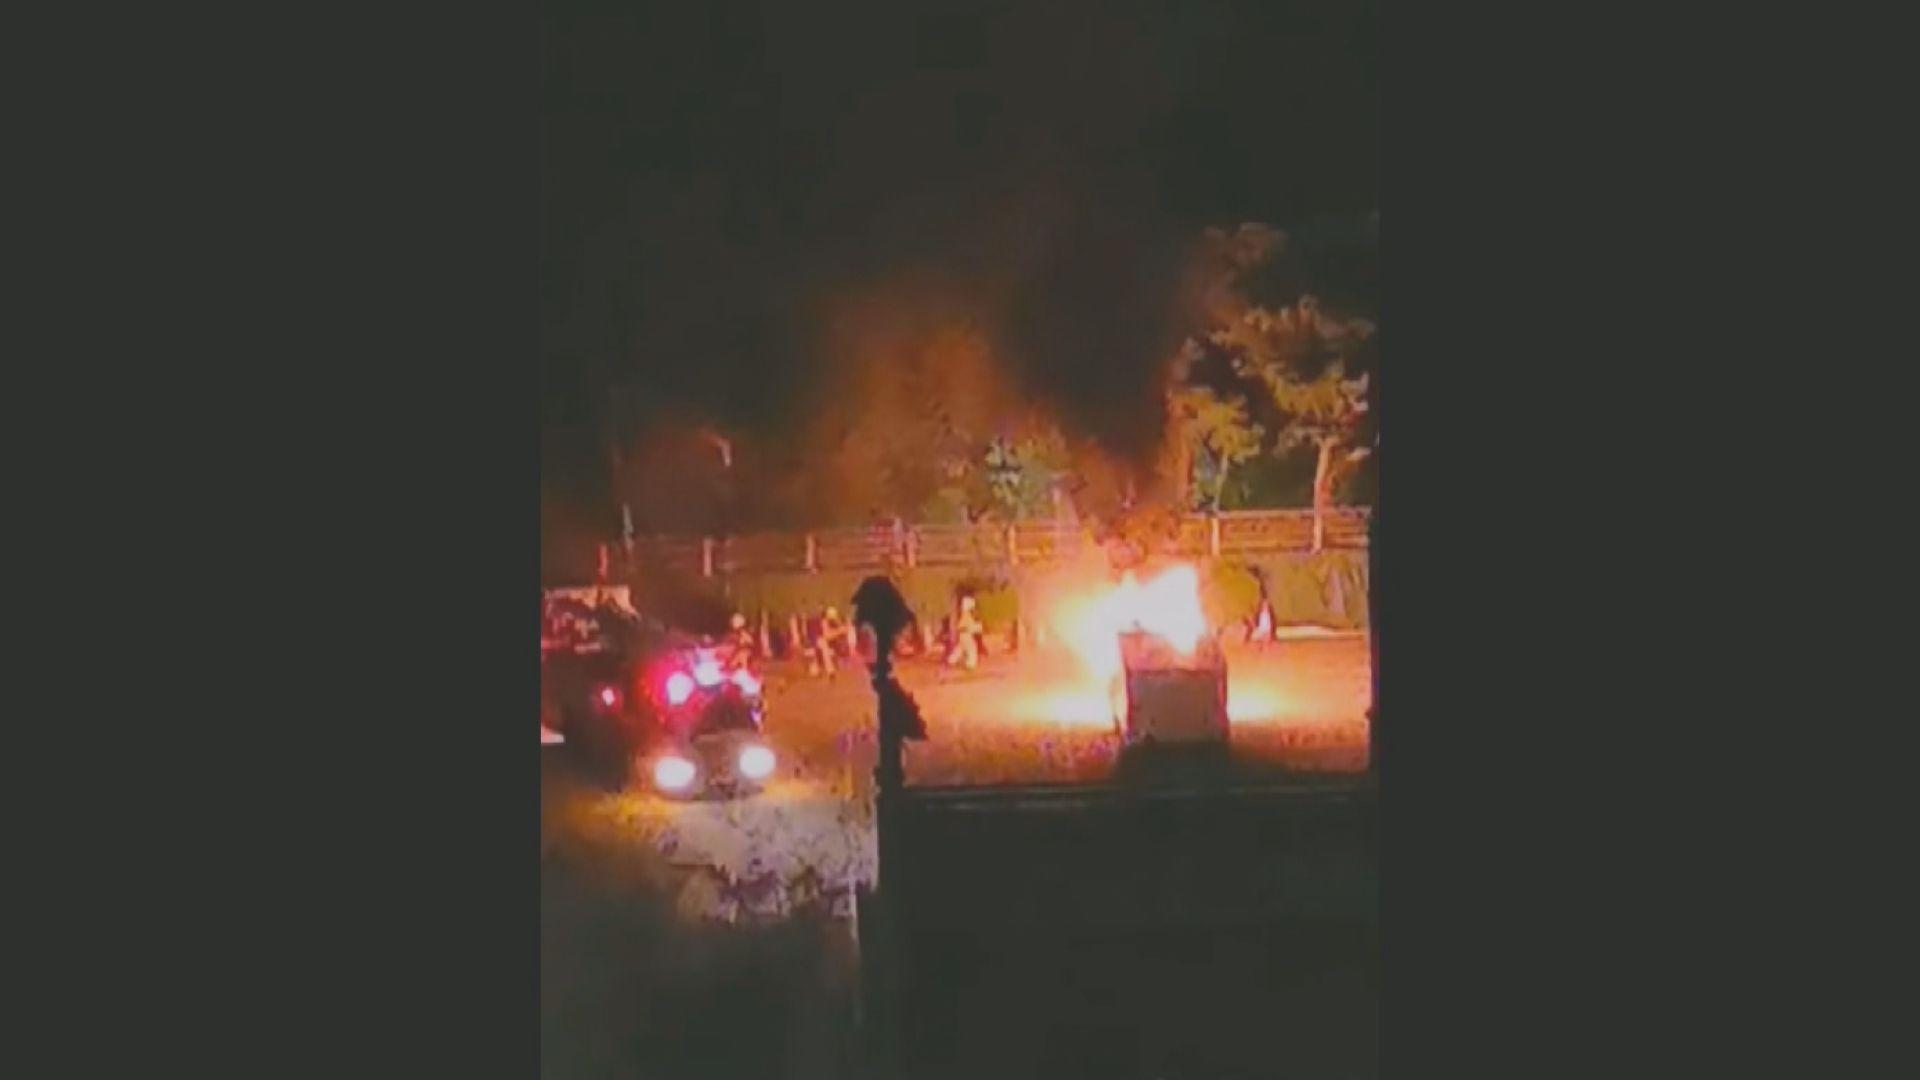 警察遊樂會凌晨被投十個汽油彈 警列縱火案追緝三男子